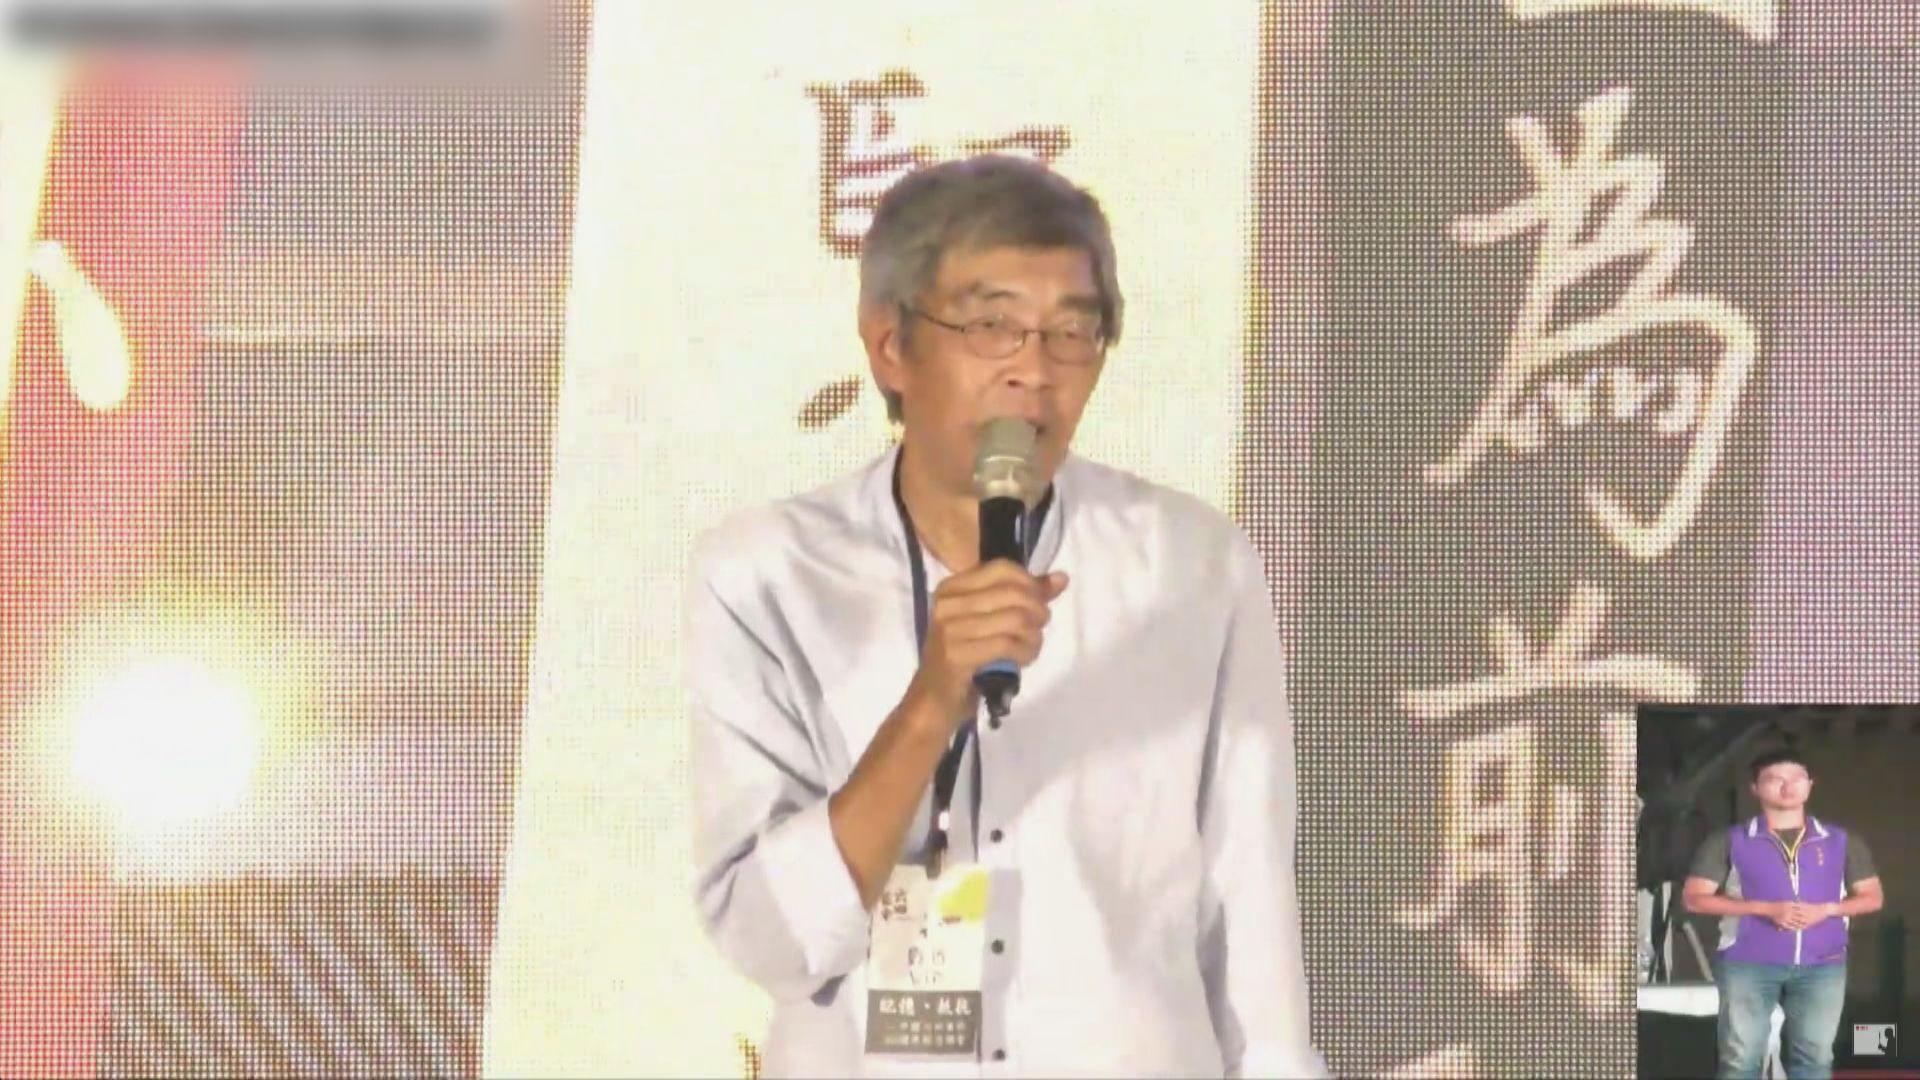 【六四三十】台北舉行紀念晚會 林榮基出席